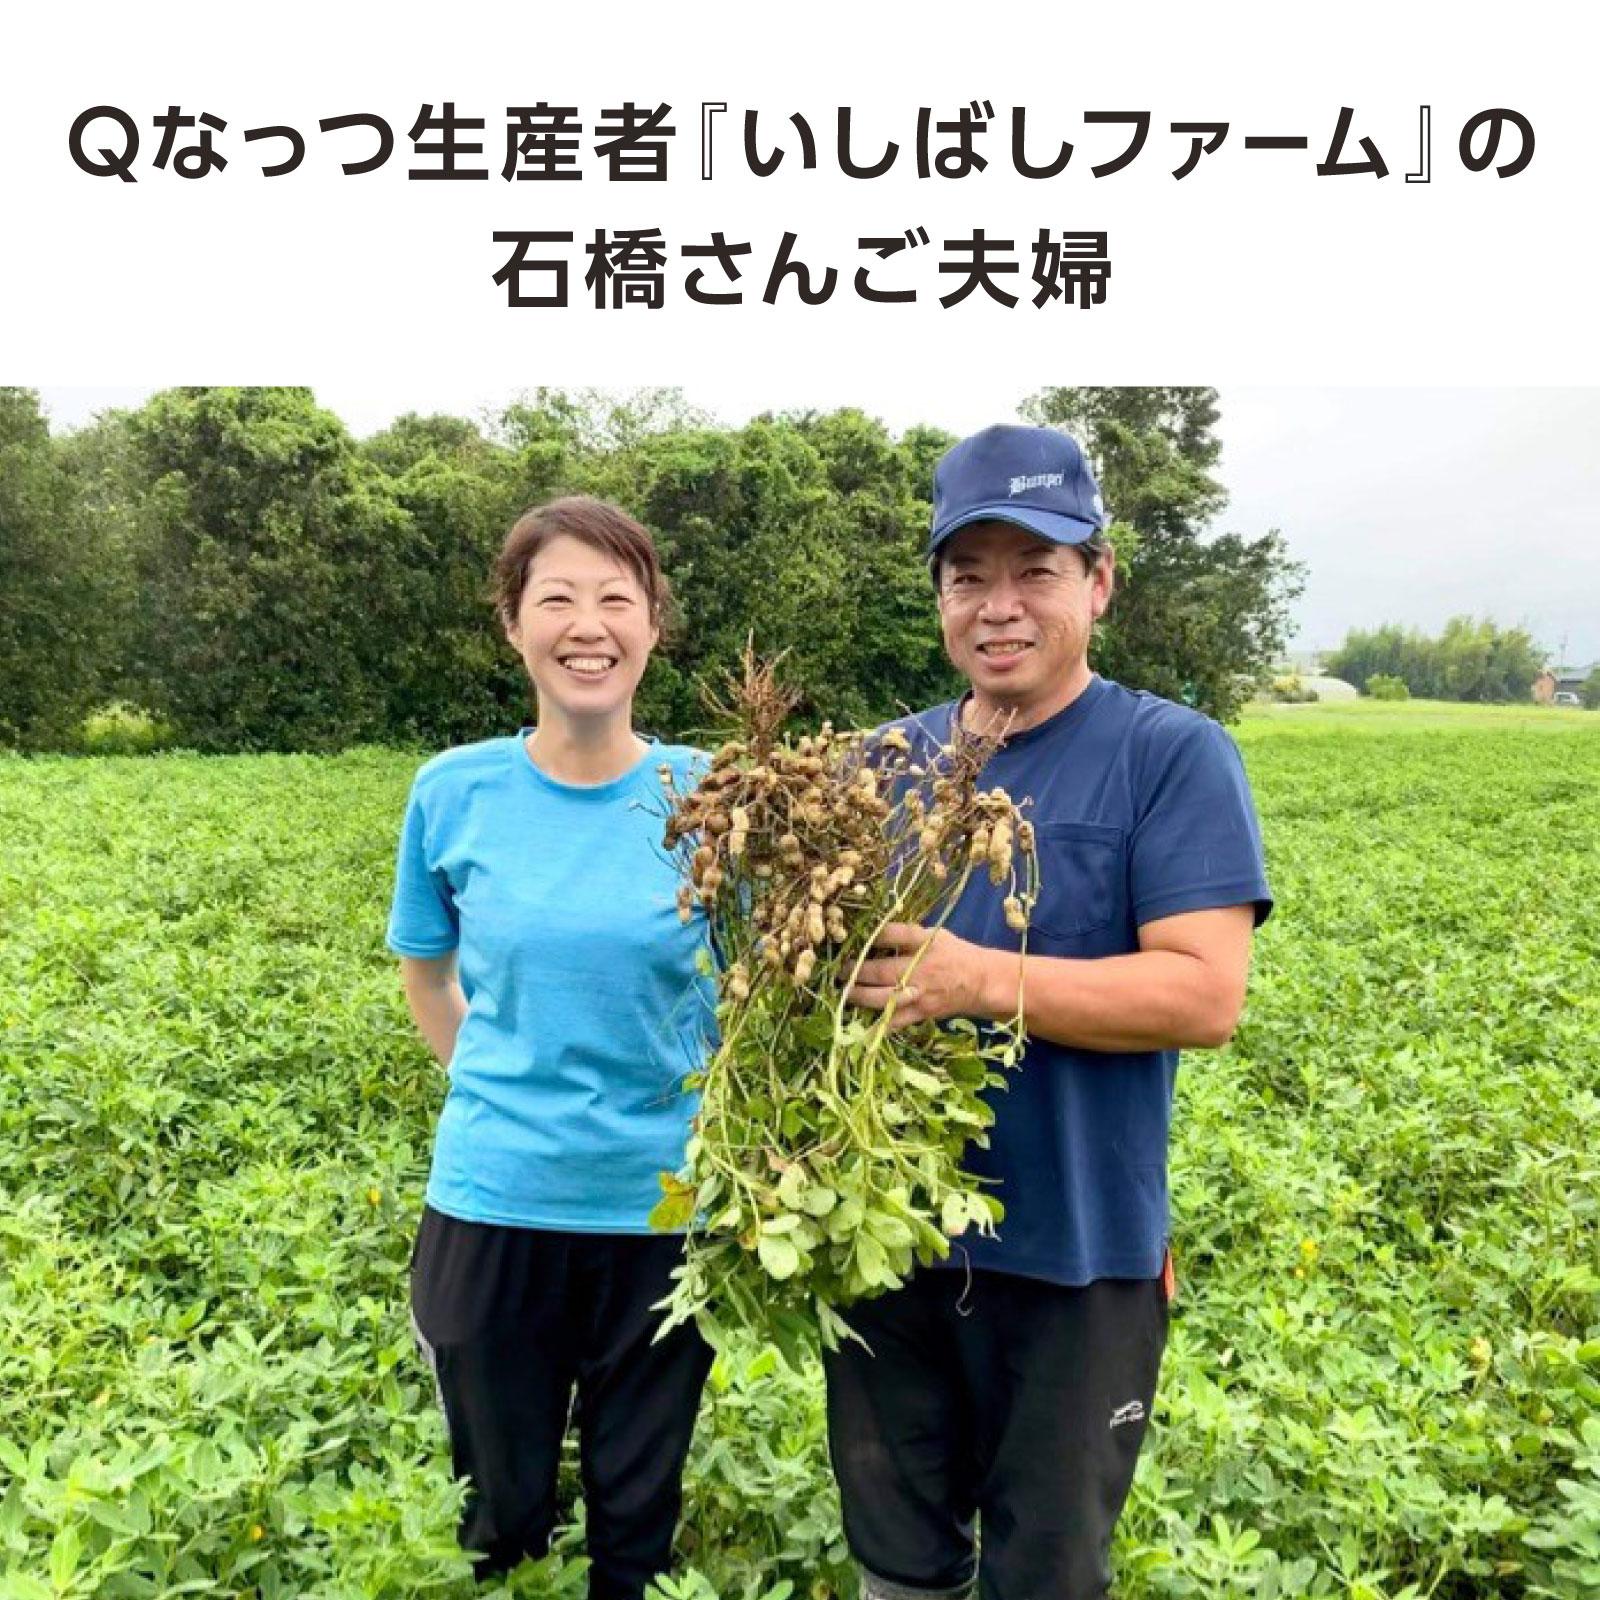 《2021年9月23日〜26日》千葉県ファームいしばしの落花生狩り〜Qなっつ〜